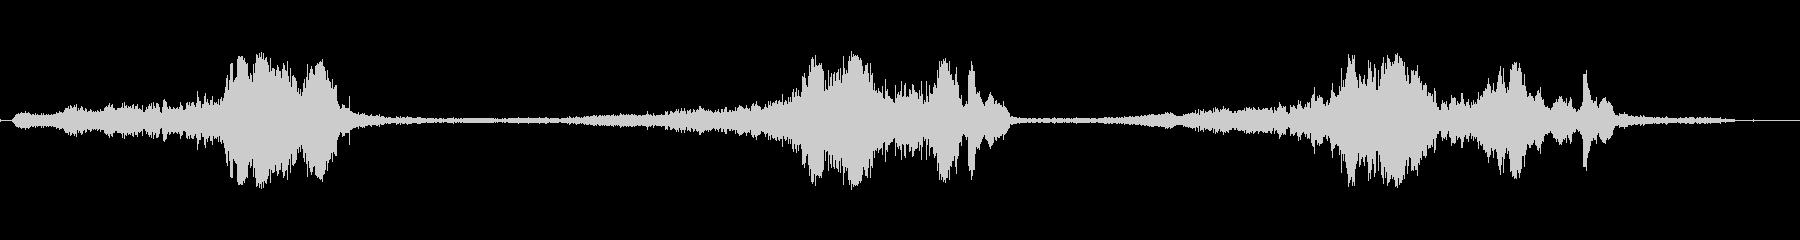 ラリークロス-レースの未再生の波形